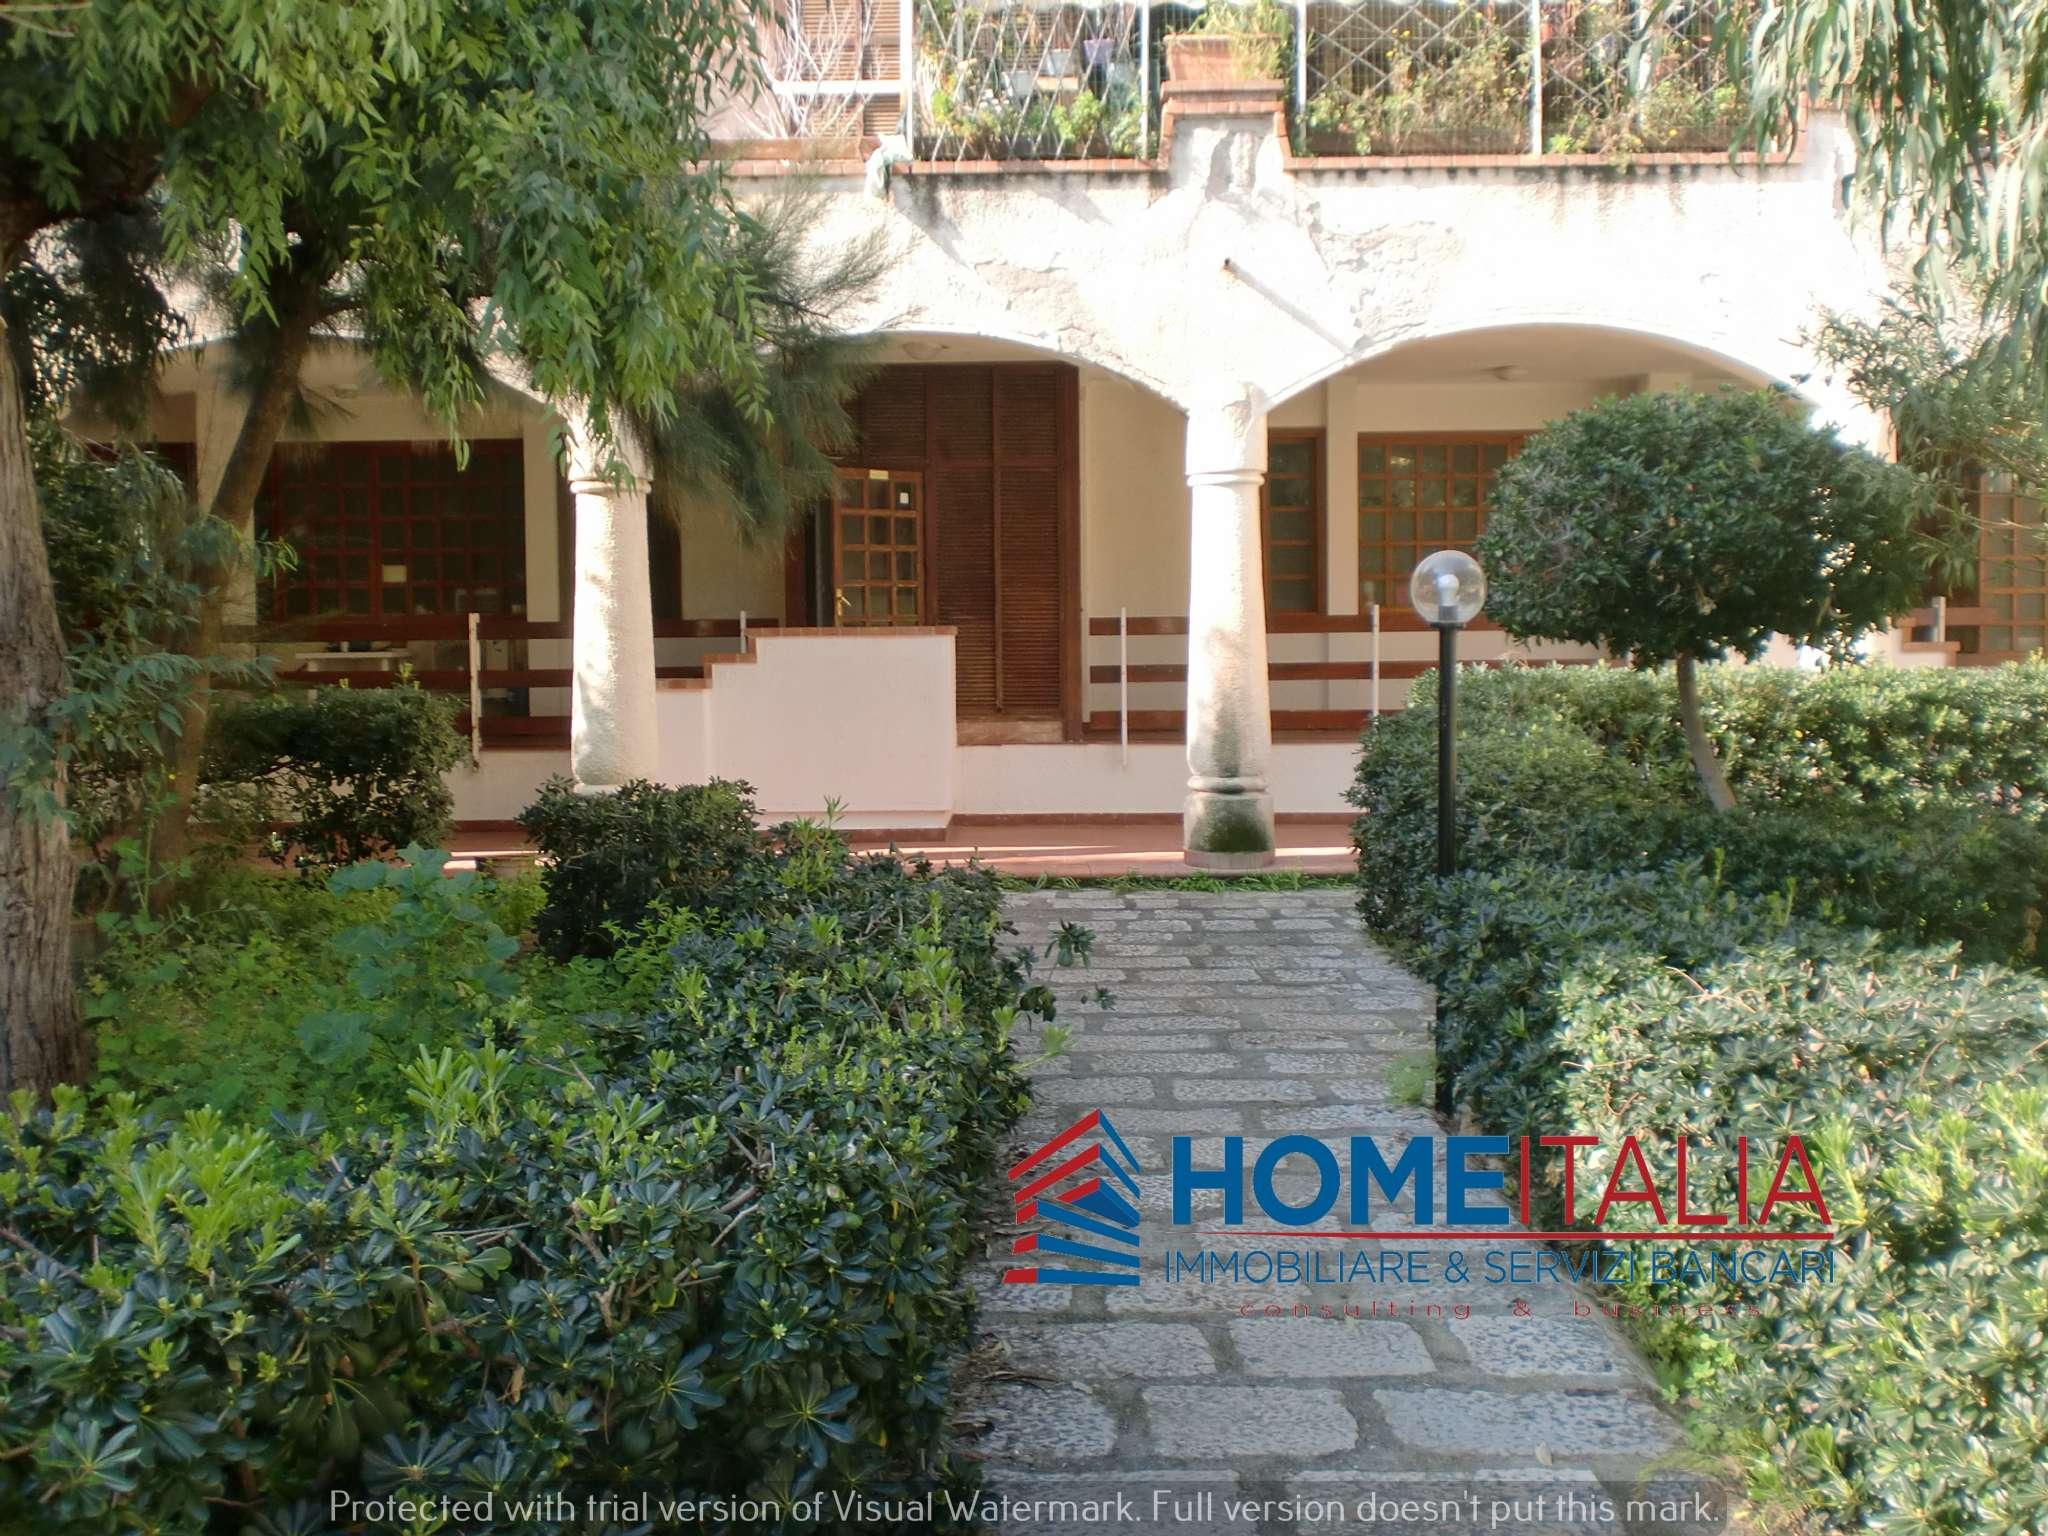 Appartamento in vendita a Bagheria, 5 locali, prezzo € 105.000 | PortaleAgenzieImmobiliari.it